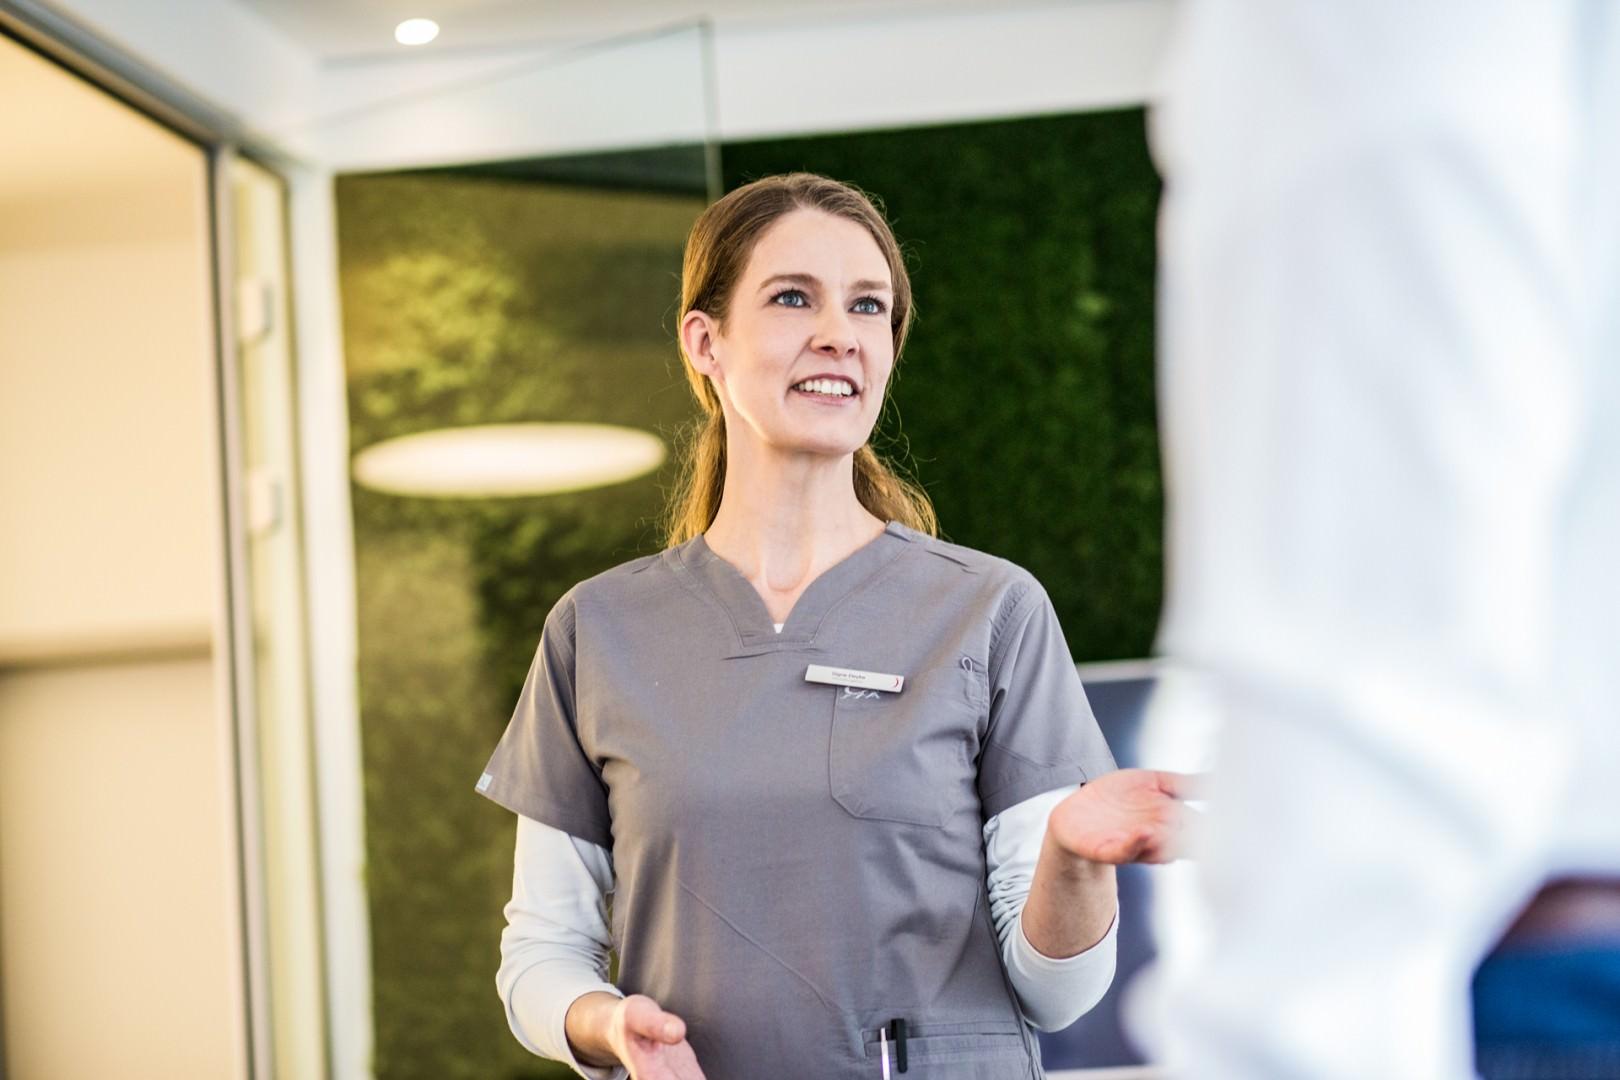 Zahnkultur Köln - Zahnärztin im Patientengespräch